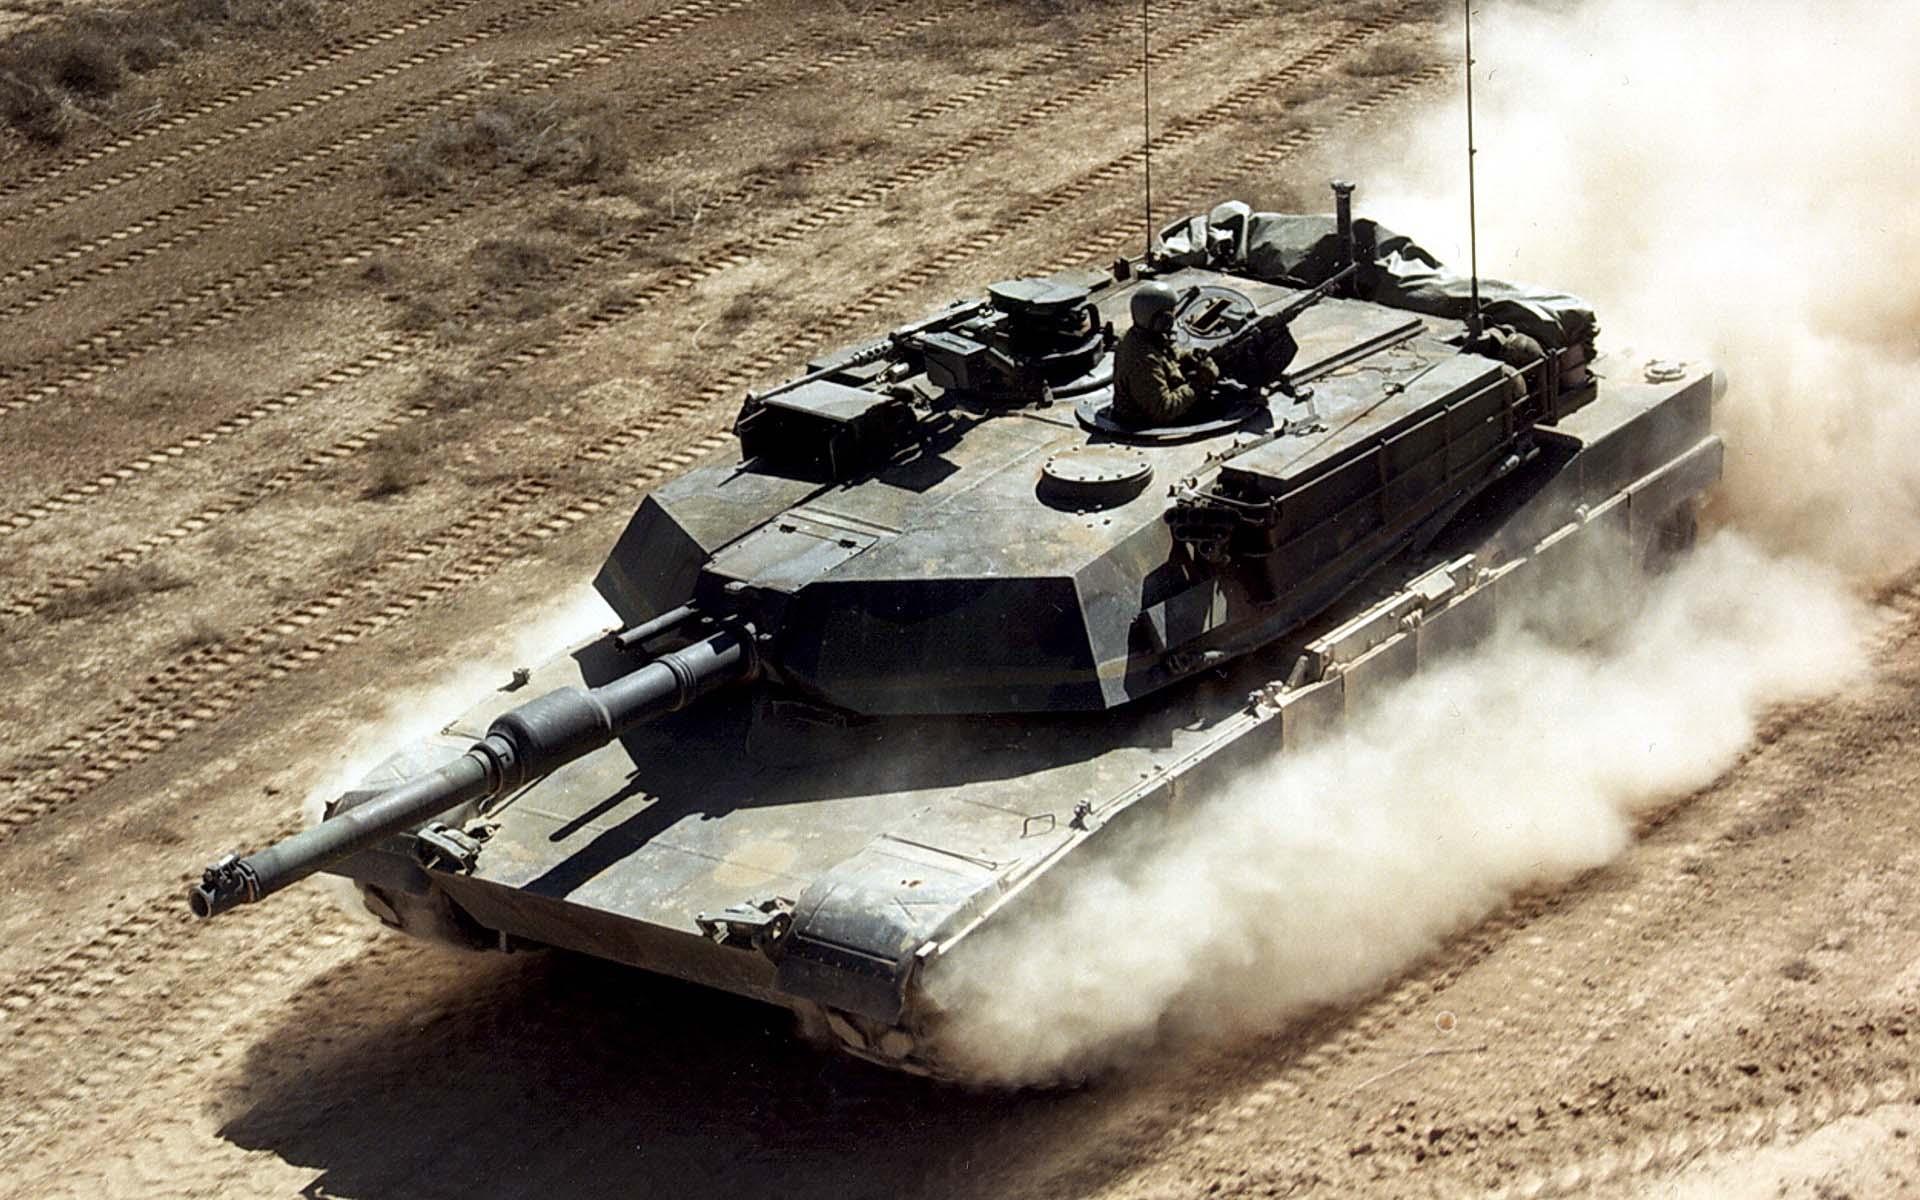 картинки самых крутых танков мира ударяли